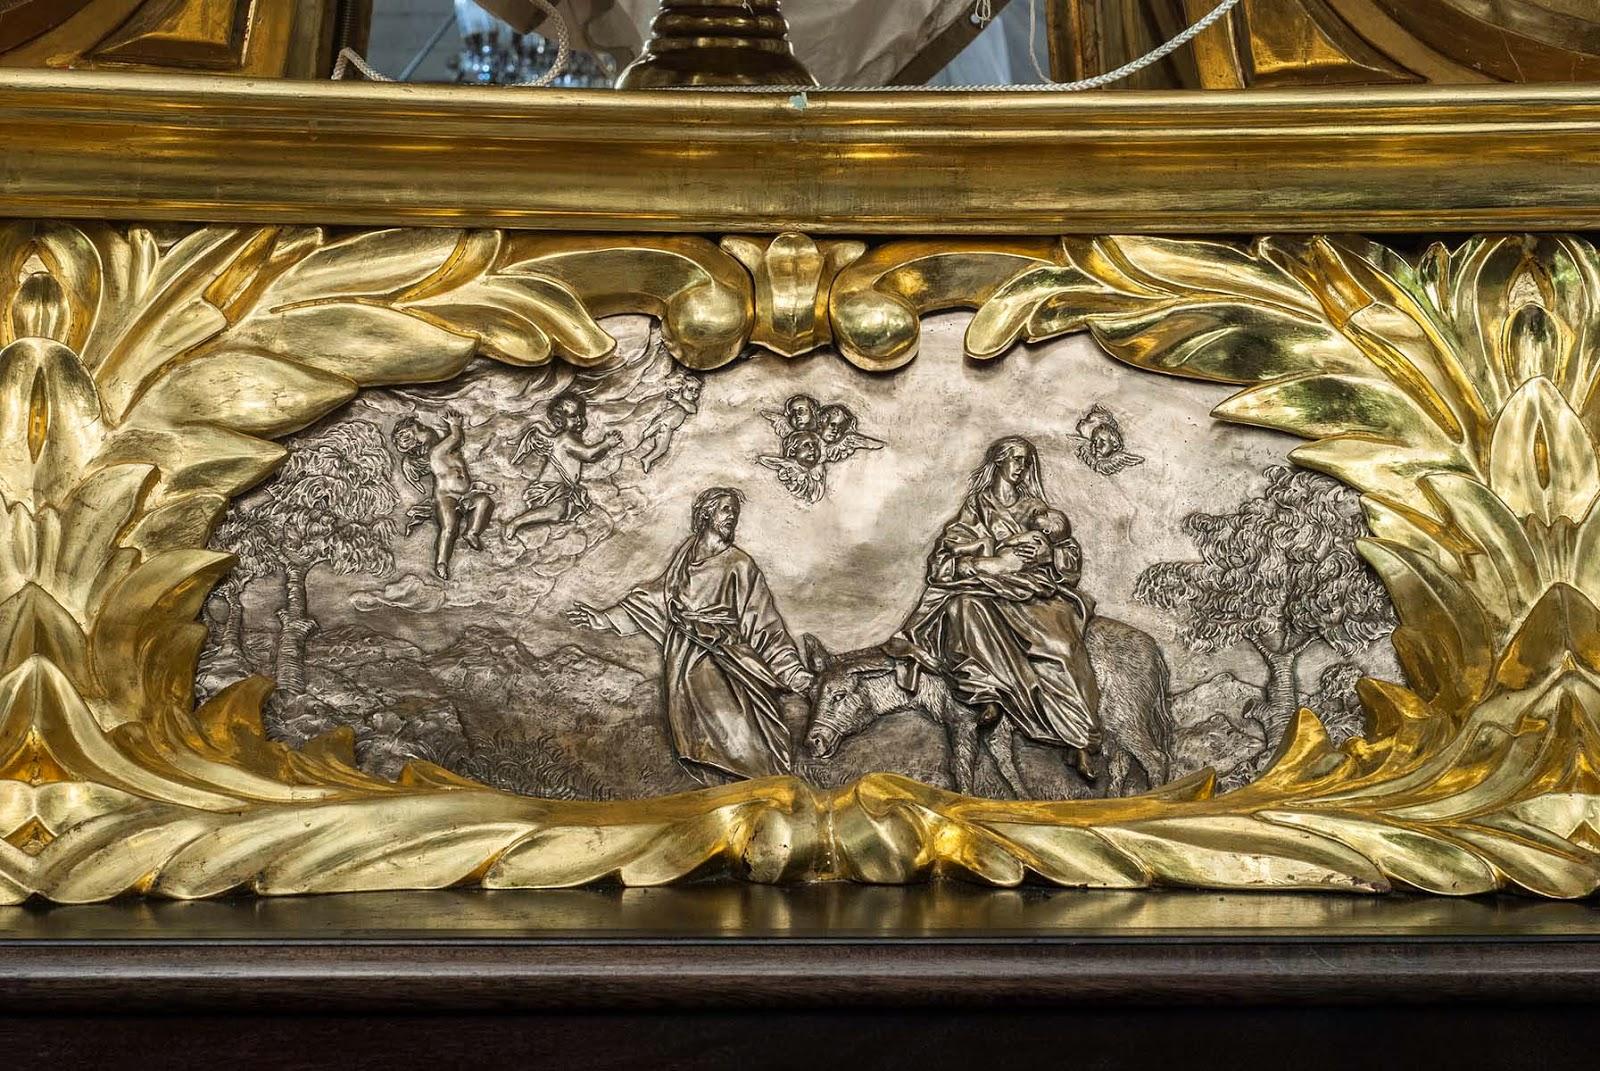 Trono Soledad Semana Santa Cartagena Murcia Arturo Serra escultura 2